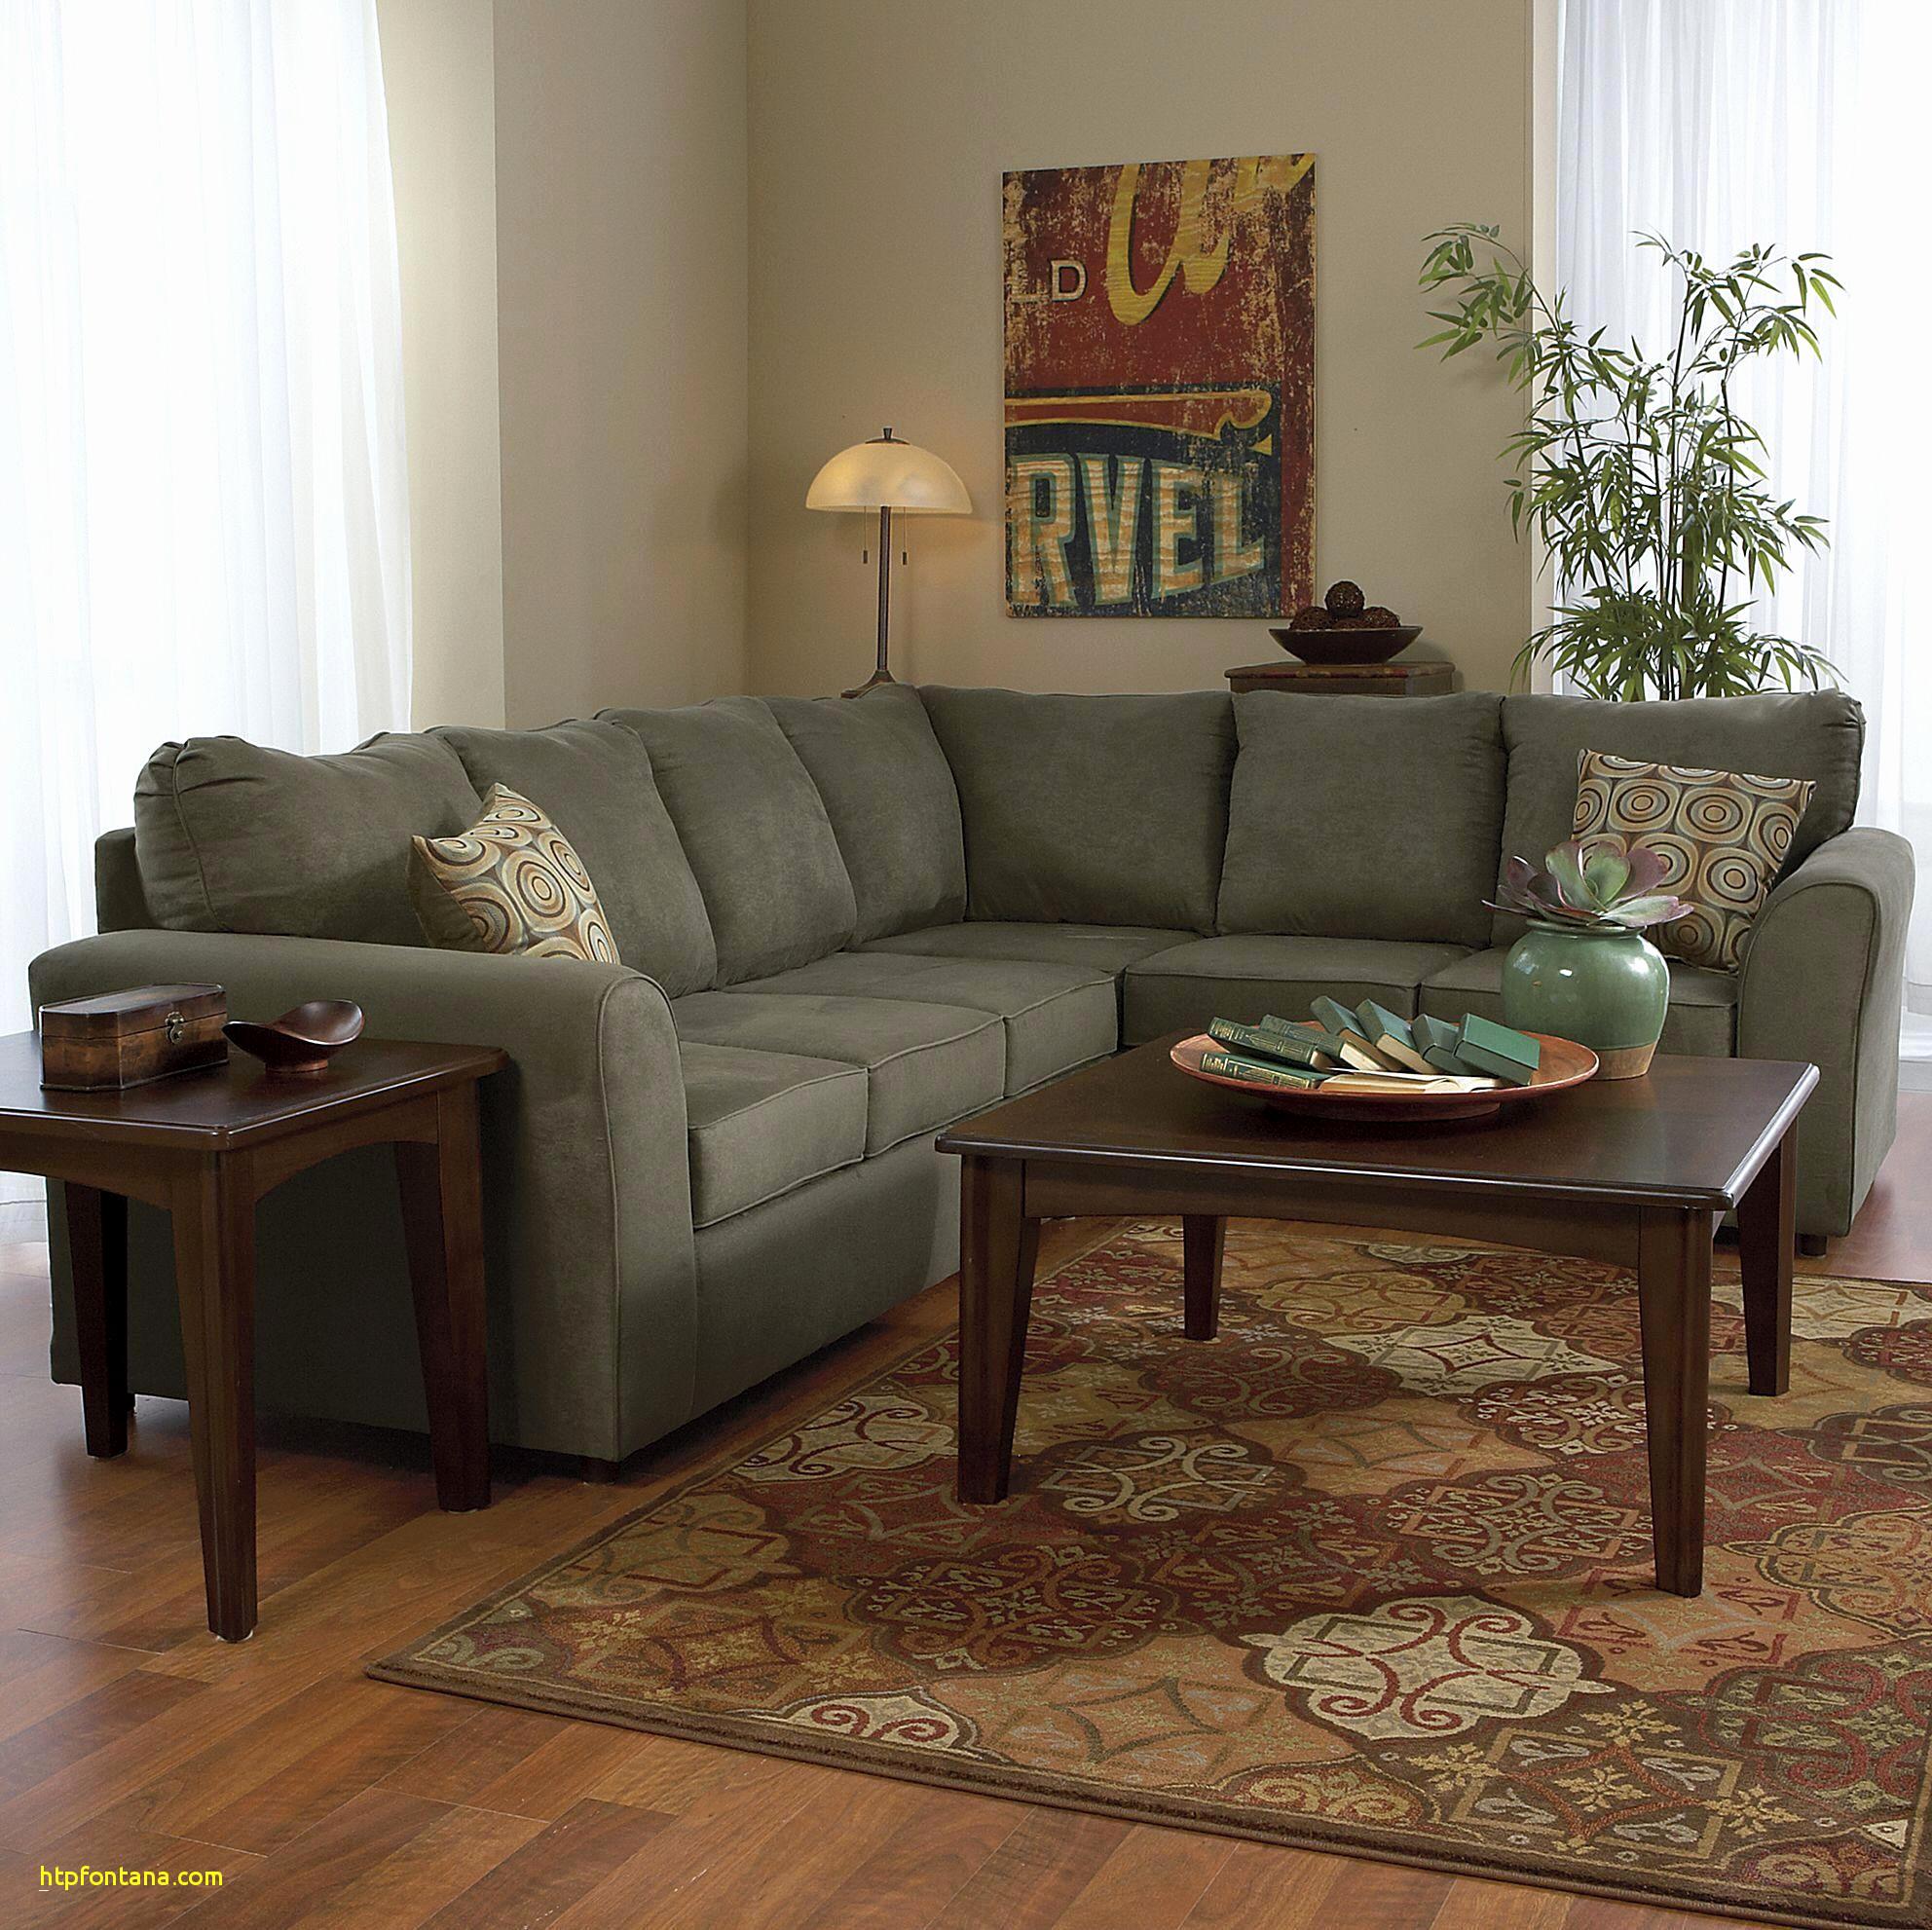 nouveau collection de salon en palette nouveau chaise en palette plan nouveau meuble en palette plan fresh meuble of nouveau collection de salon en palette